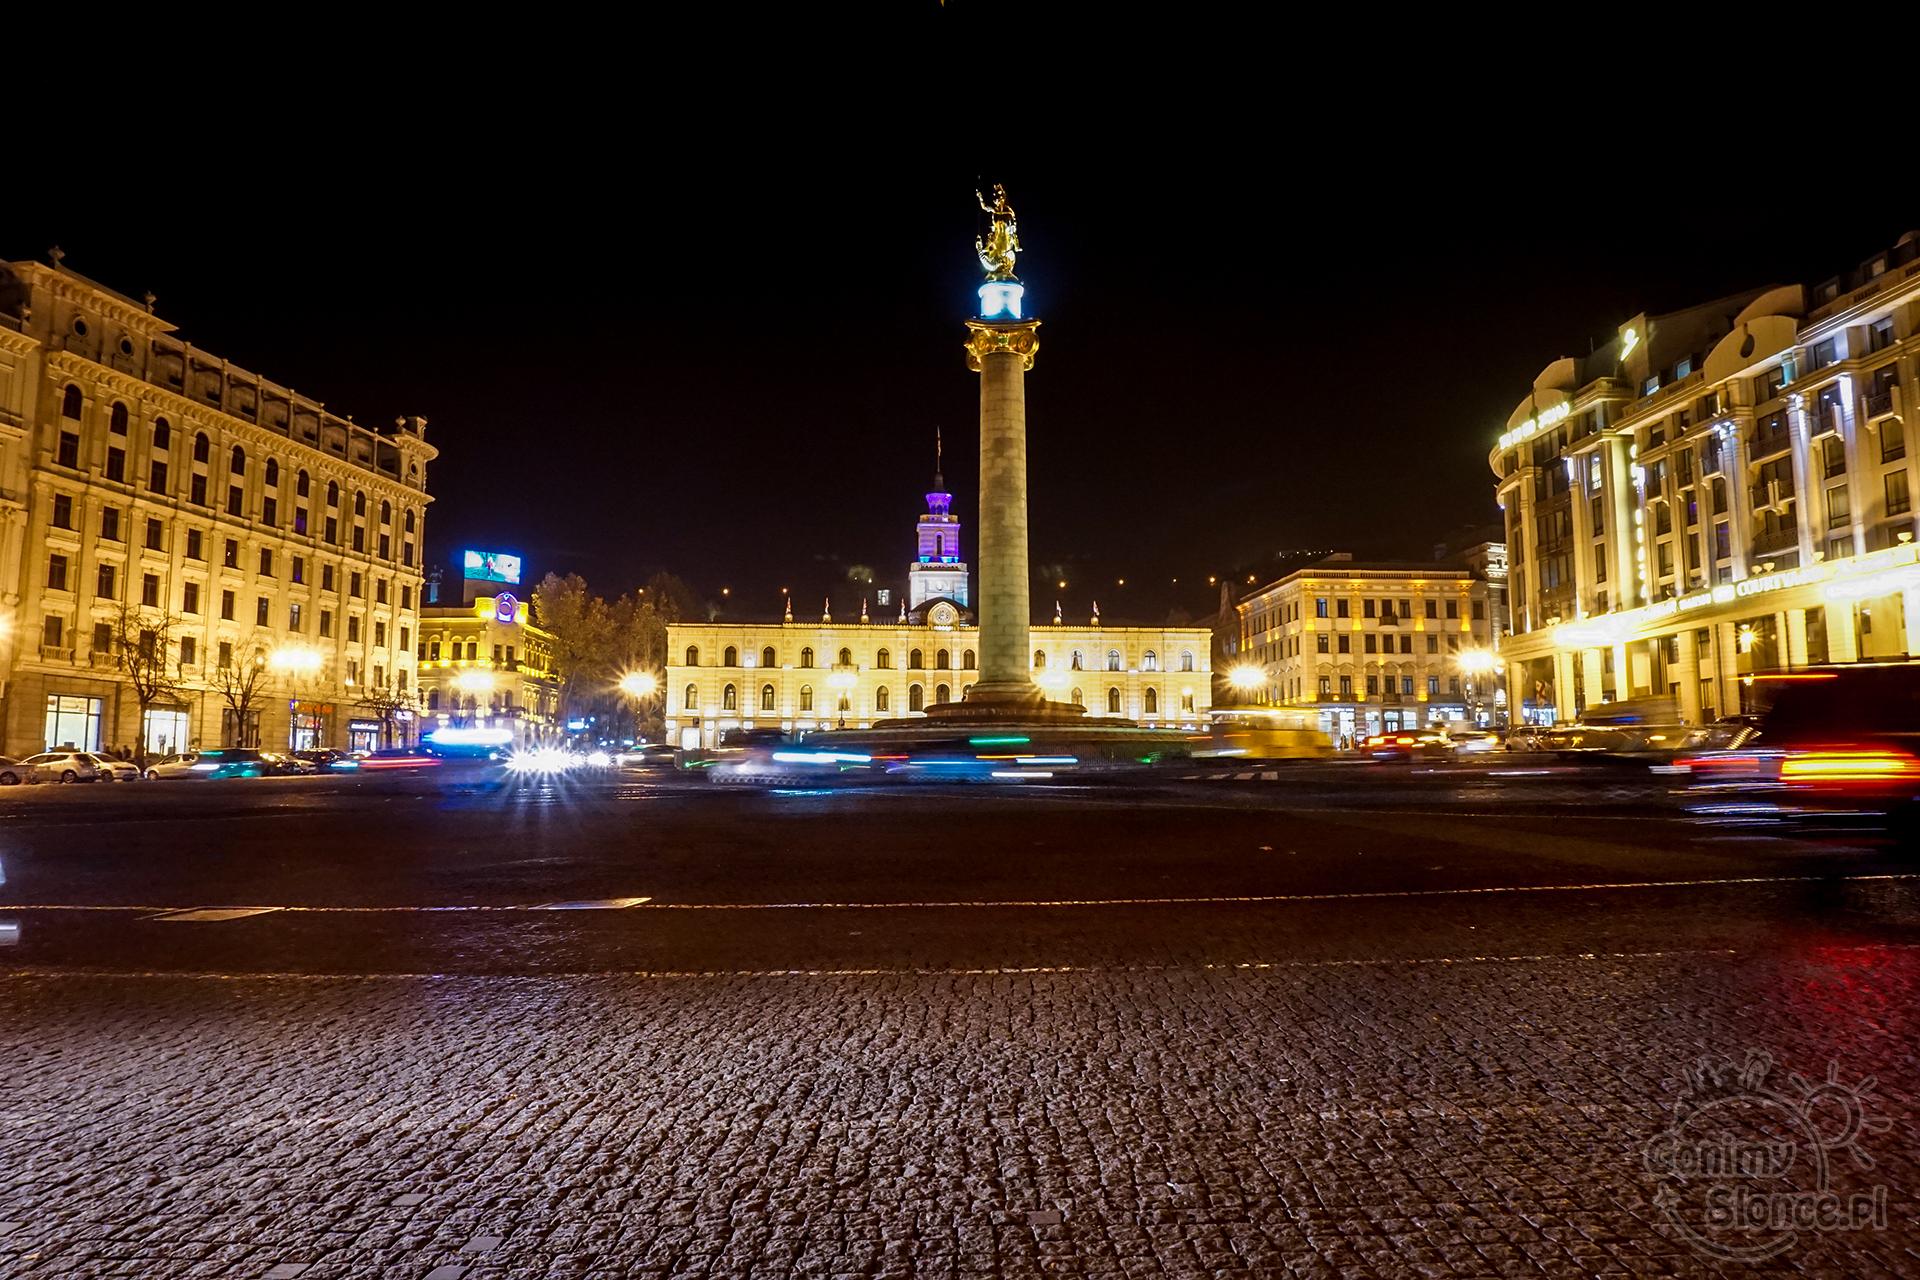 Nocne Tbilisi - Plac Wolności